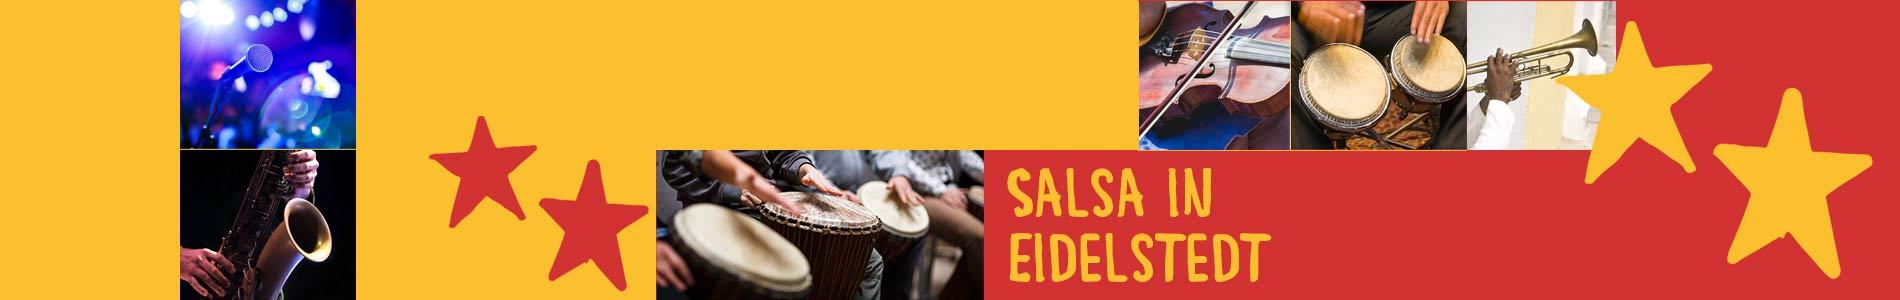 Salsa in Eidelstedt – Salsa lernen und tanzen, Tanzkurse, Partys, Veranstaltungen